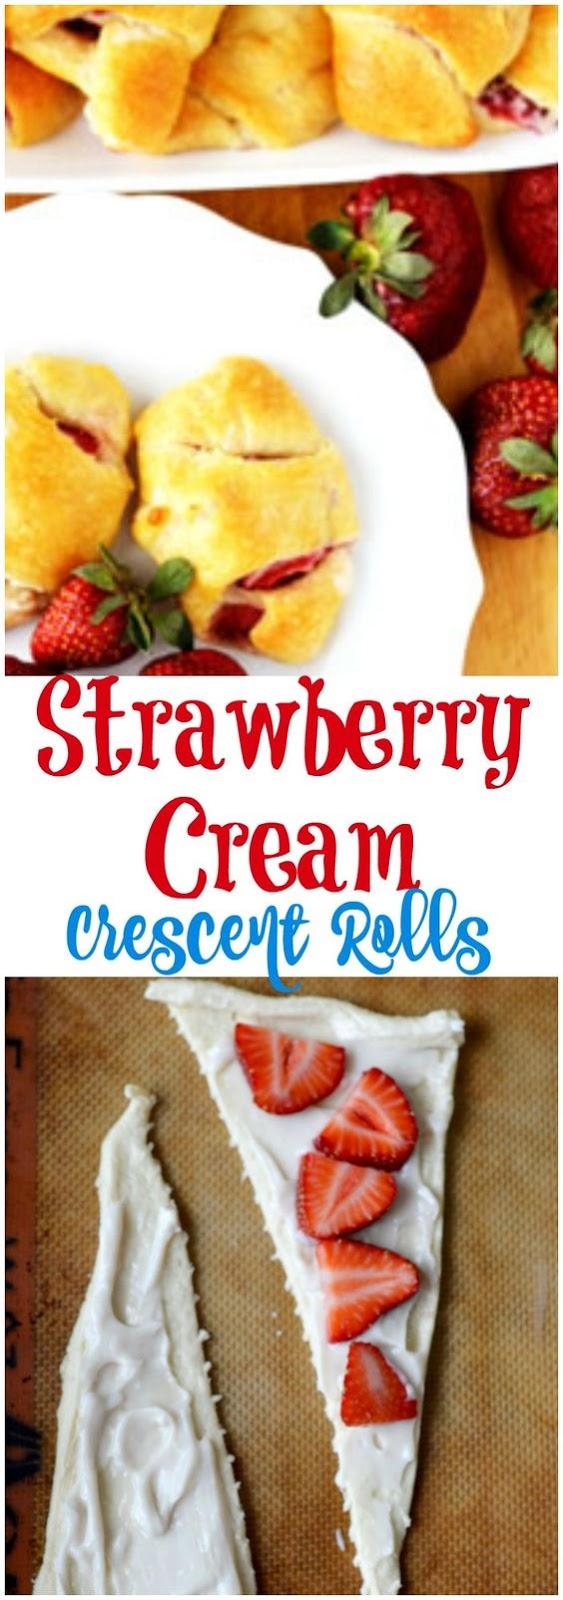 Strawberry Cream Crescent Roll Recipe